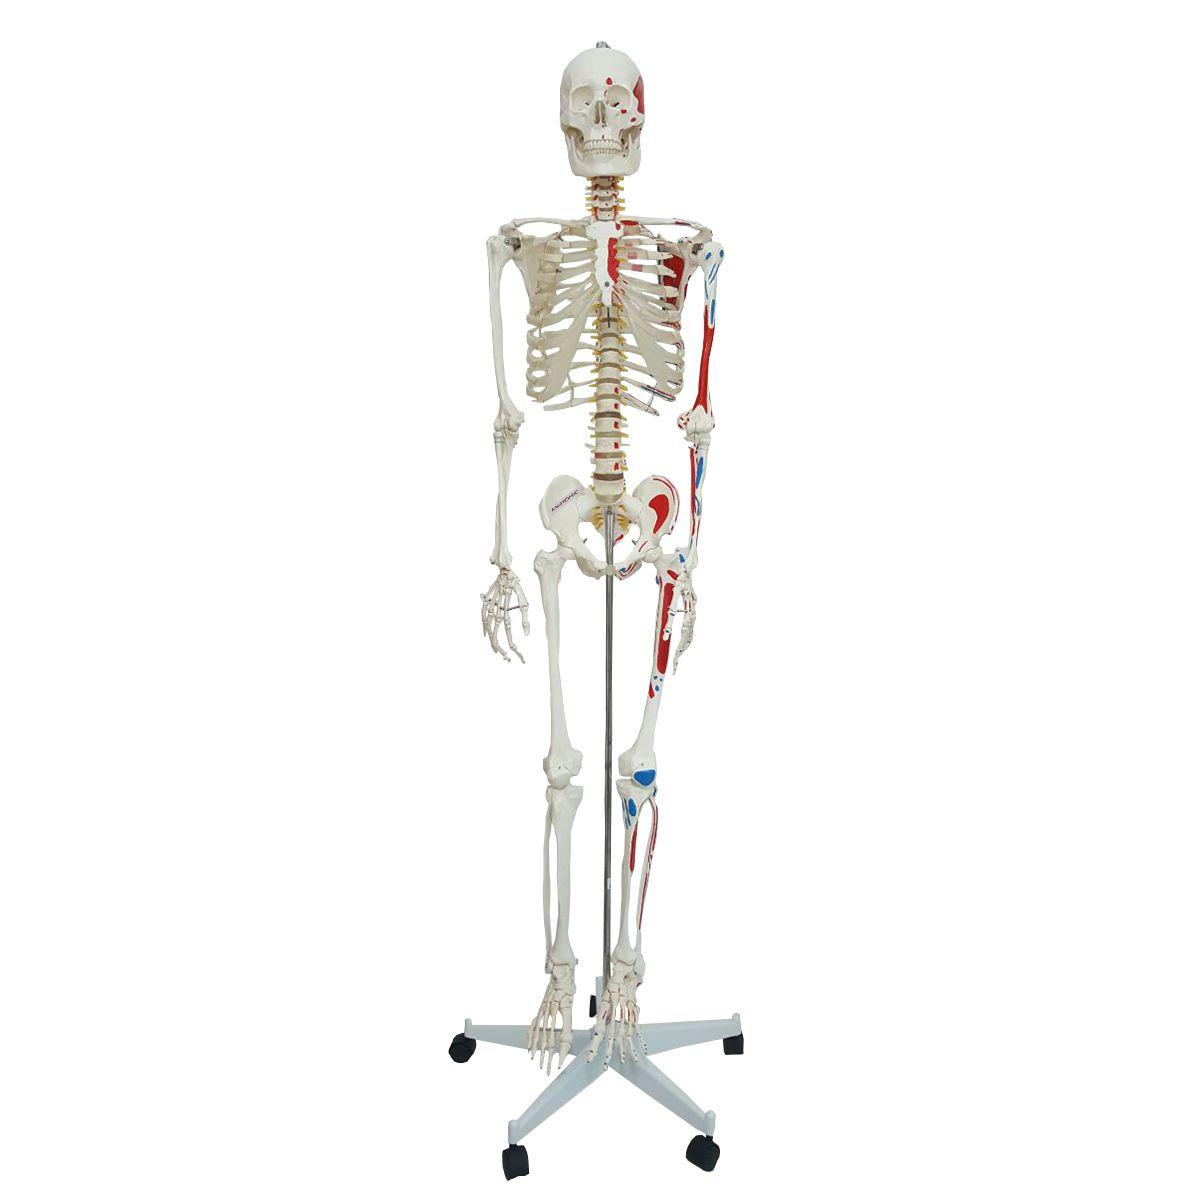 Esqueleto 168cm articulado com inserções musculares com suporte e base com rodízios